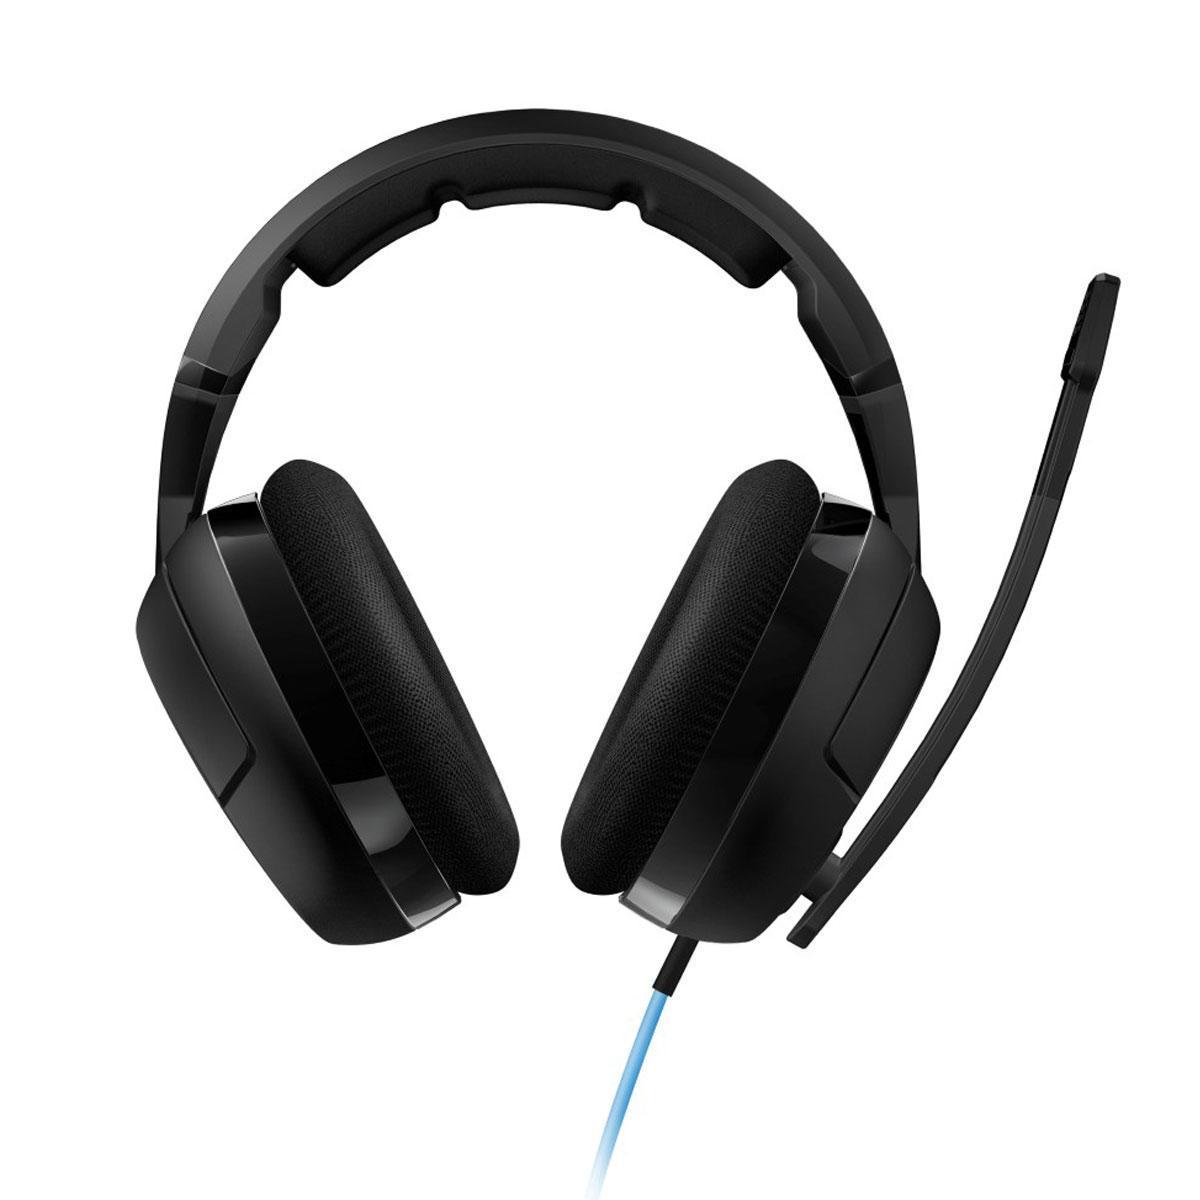 ROCCAT Kave XTD Stereo гарнитураROC-14-610Roccat Kave XTD Stereo - это игровая стерео-гарнитура премиум класса, с прочной, проверенной конструкцией и максимально качественным звуком для настоящих геймеров, которая позволяет с комфортом проходить самые продолжительные игровые миссии. Обеспечивает превосходную звукоизоляцию для четких и ясных голосовых переговоровRoccat Kave XTD Stereo имеет компактный и очень эргономичный дизайн. У гарнитуры прочная, сверхлегкая конструкция с комфортабельным эргономичным ободком и ярким кабелем. Подушечки наушников выполнены из сетчатой ткани, а с внешней стороны они стилизованны новаторским мотивом ROCCATФорма чашек Roccat Kave XTD Stereo обеспечивает полную звукоизоляцию. Гарнитура дает вам акустическое преимущество благодаря сверхчистому звучанию 50-мм неодимовых громкоговорителей в каждом наушнике, гарантируя выразительный и чистый звук в очень широком динамическом диапазоне. Вы услышите не только малейшие звуки, но и едва различимые шумы сотрясения грунта, что позволяет вам полностью насладиться своими любимыми играми и фильмамиRoccat Kave XTD Stereo оснащена шумоподавляющим съемным микрофоном поворачивающимся на 360°. Микрофон блокирует нежелательные отвлекающие факторы, благодаря легкодоступному пристегивающемуся кабельному пульту ДУ с выключателем и регулировкой громкости. Пока вы общаетесь, микрофон улавливает все ваши слова и передает их с предельной четкостью, а когда захотите послушать музыку, просто отсоедините микрофон. Стандартный разъем позволяет подключить наушники к плееру, приставке, ноутбуку или компьютеру